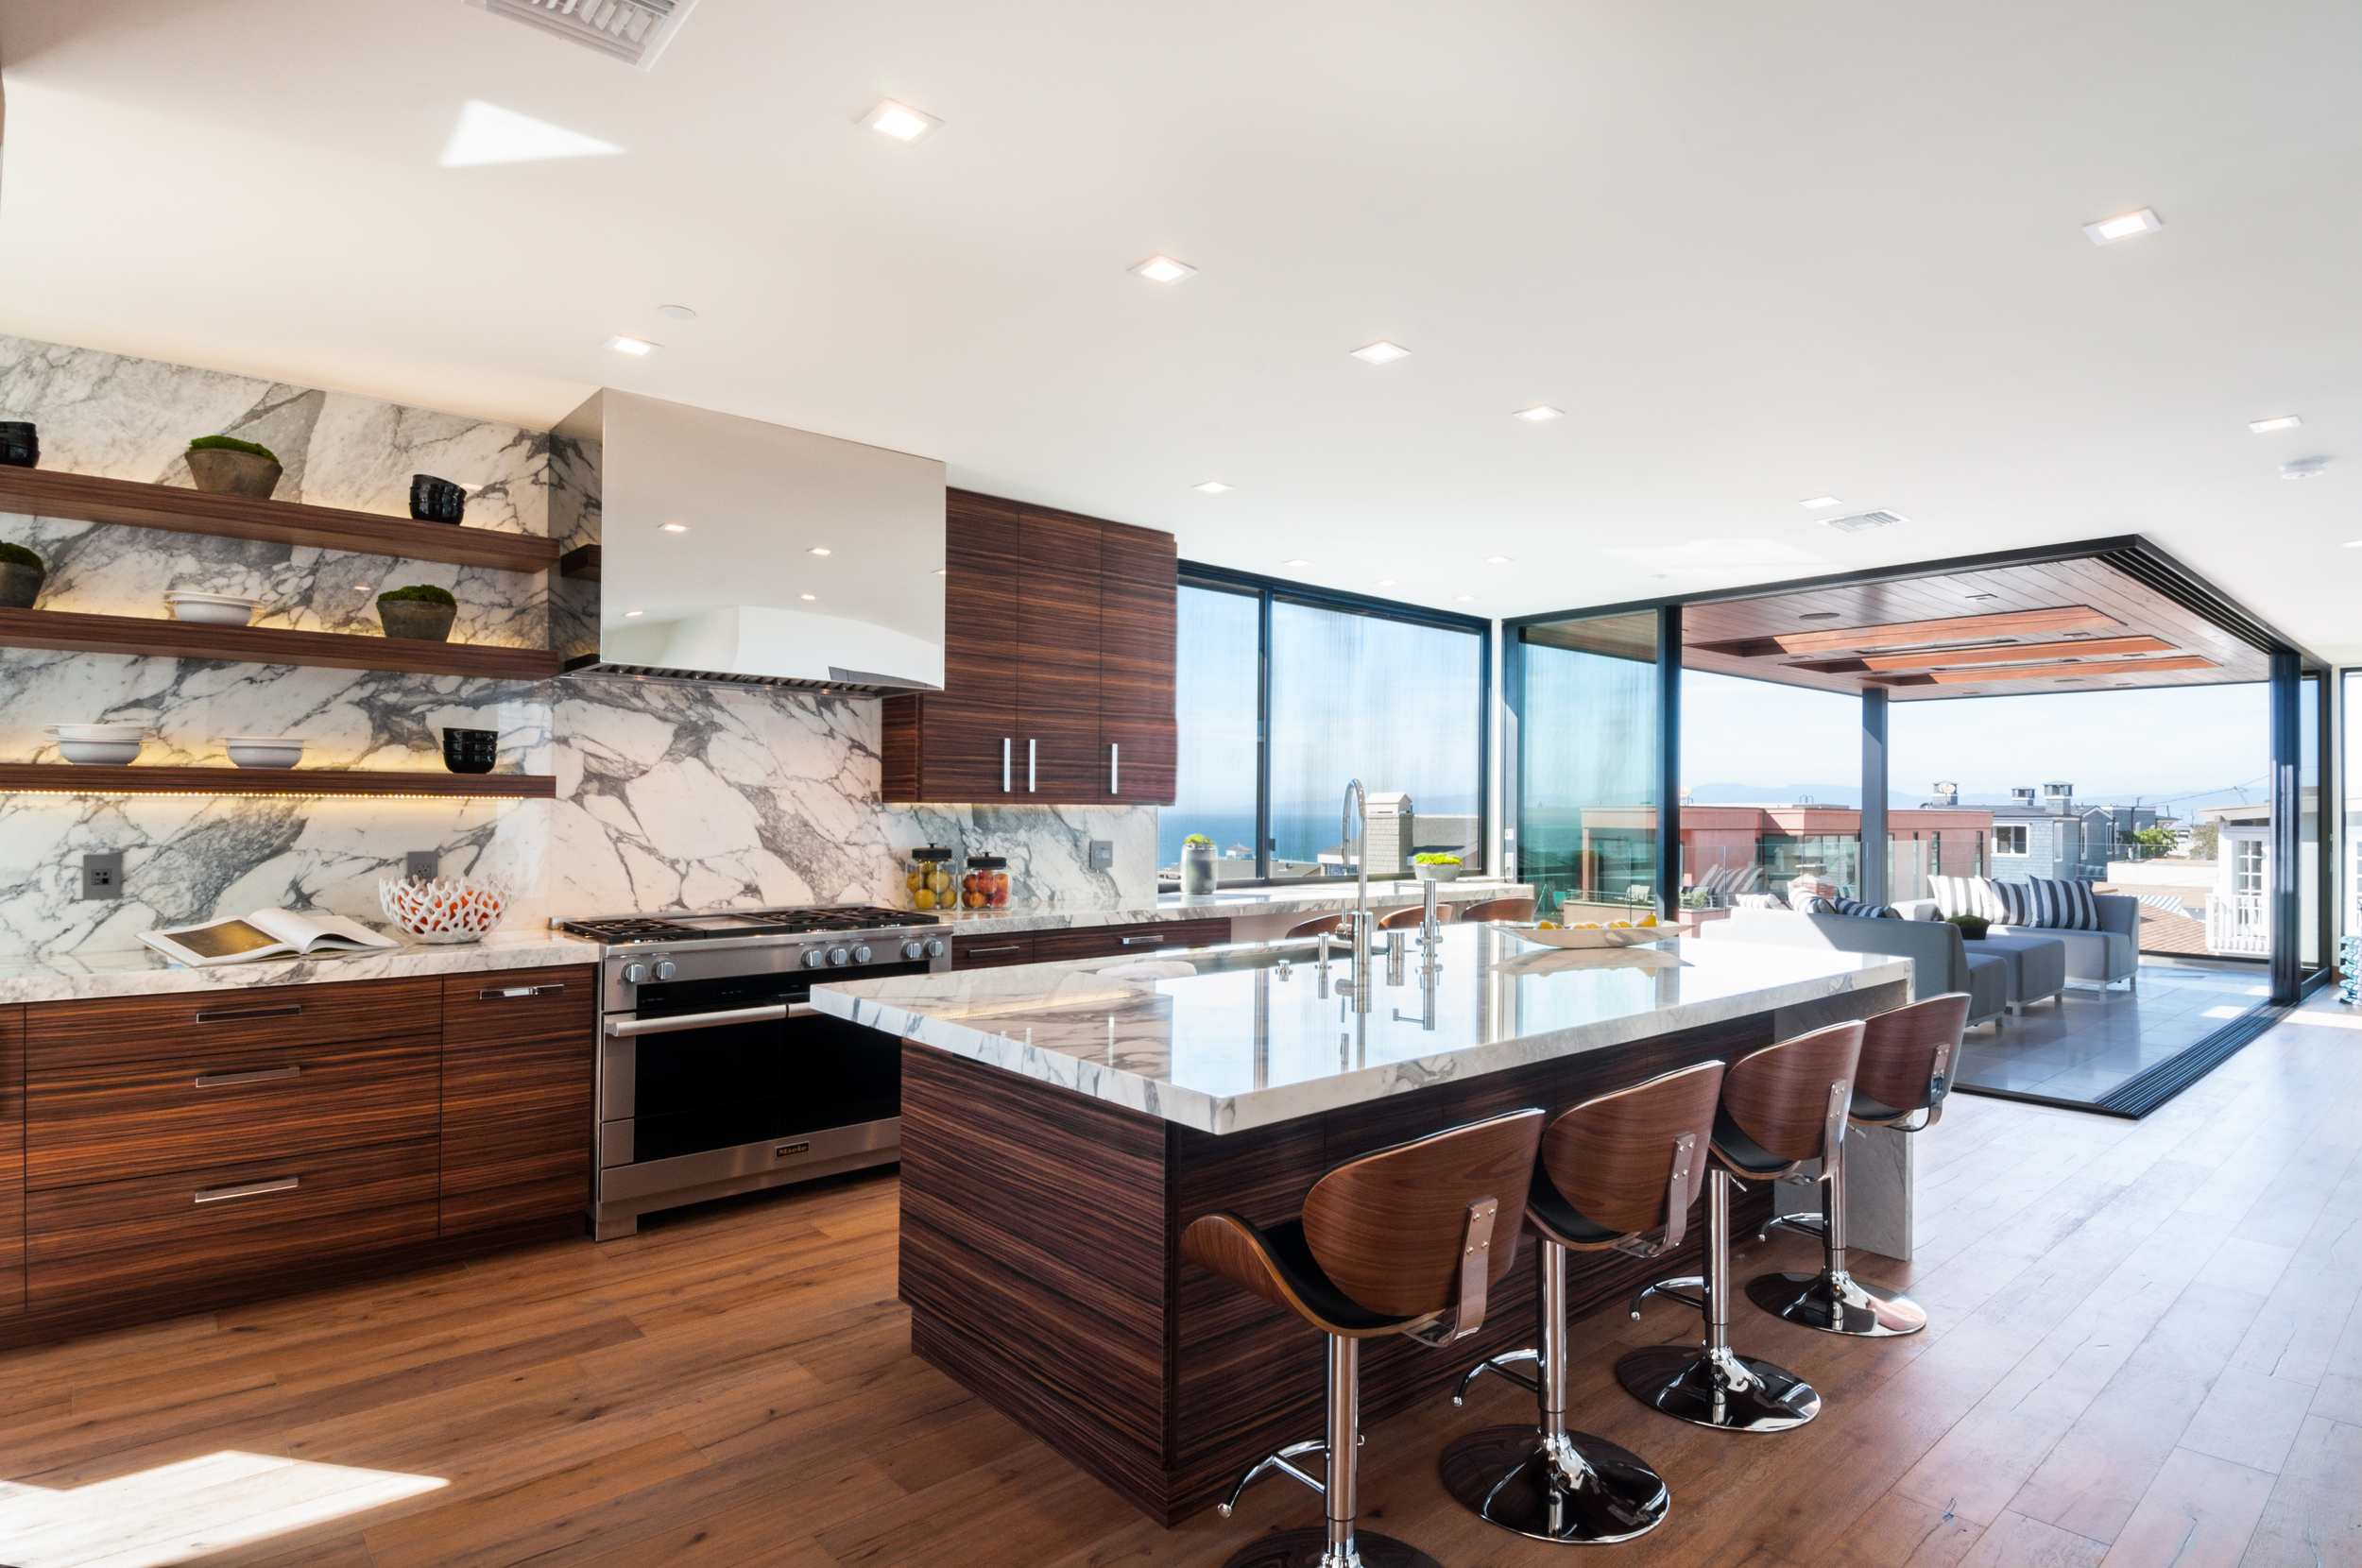 67 kitchen.jpg